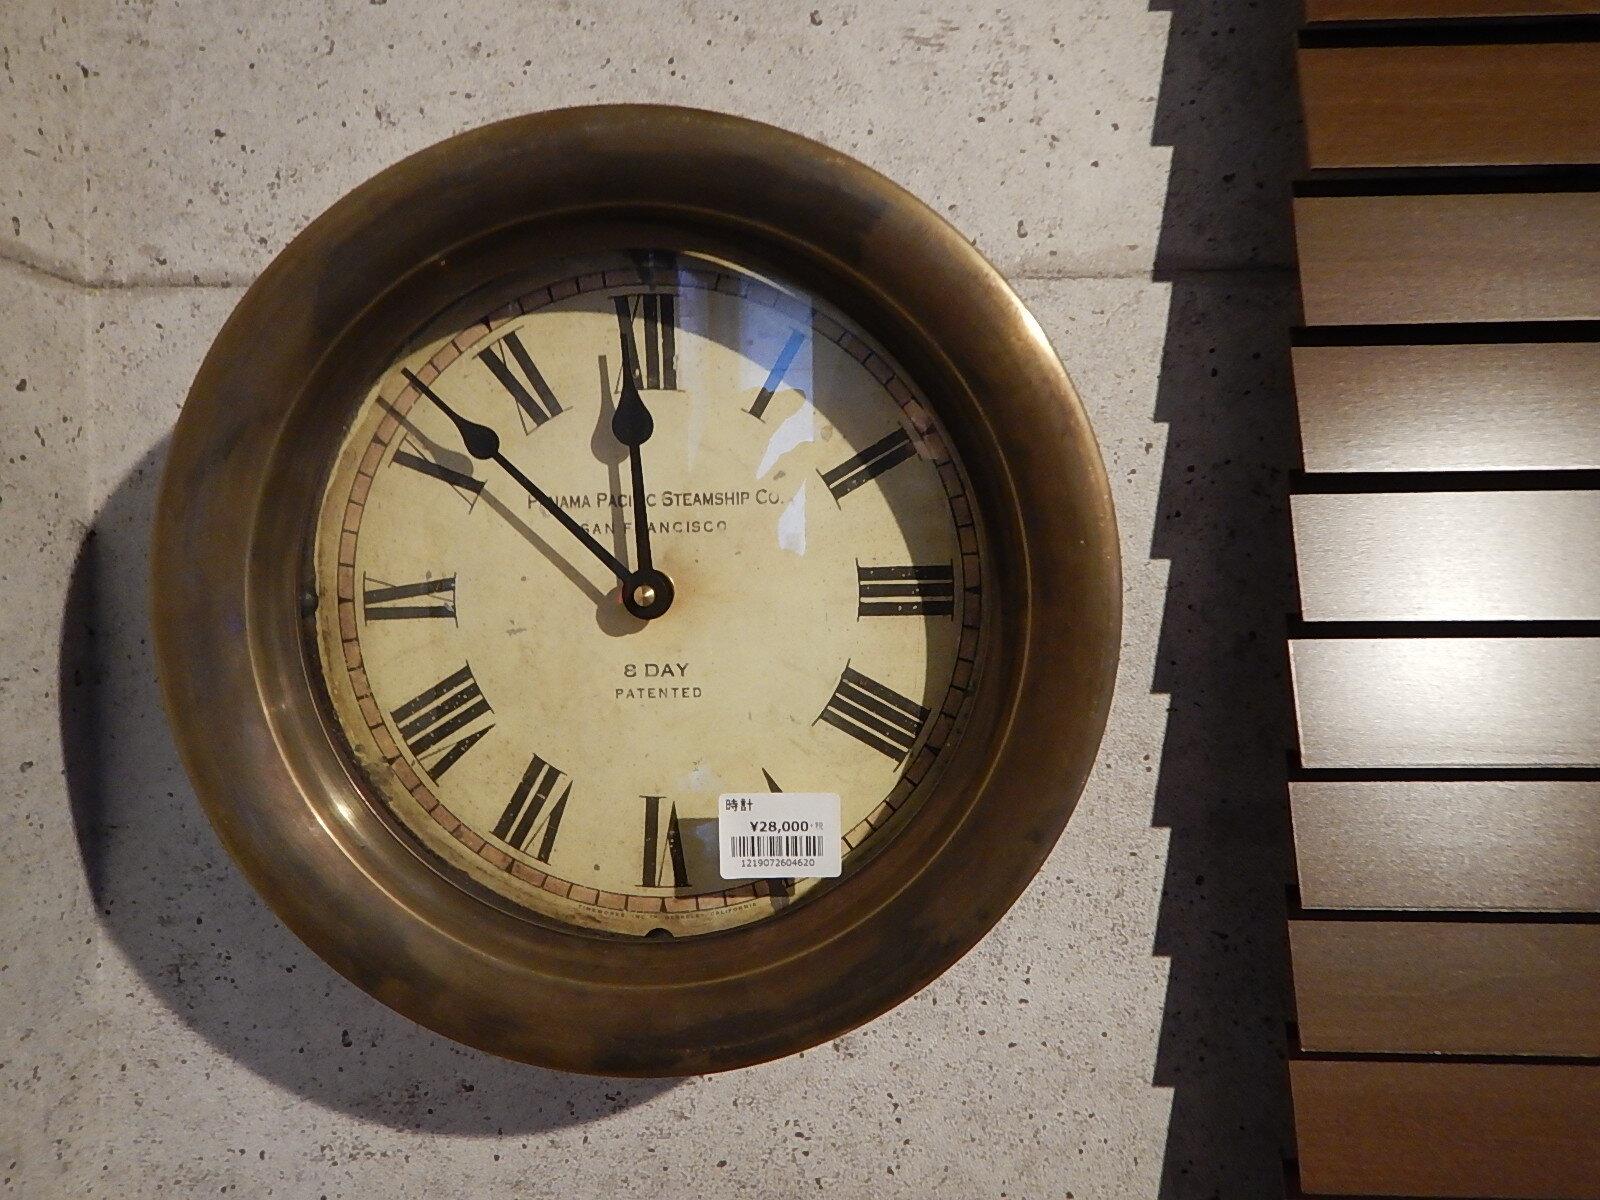 品番4620 8DAY 時計 Clock 壁掛け 掛け時計 真鍮フレーム アンティーク 011